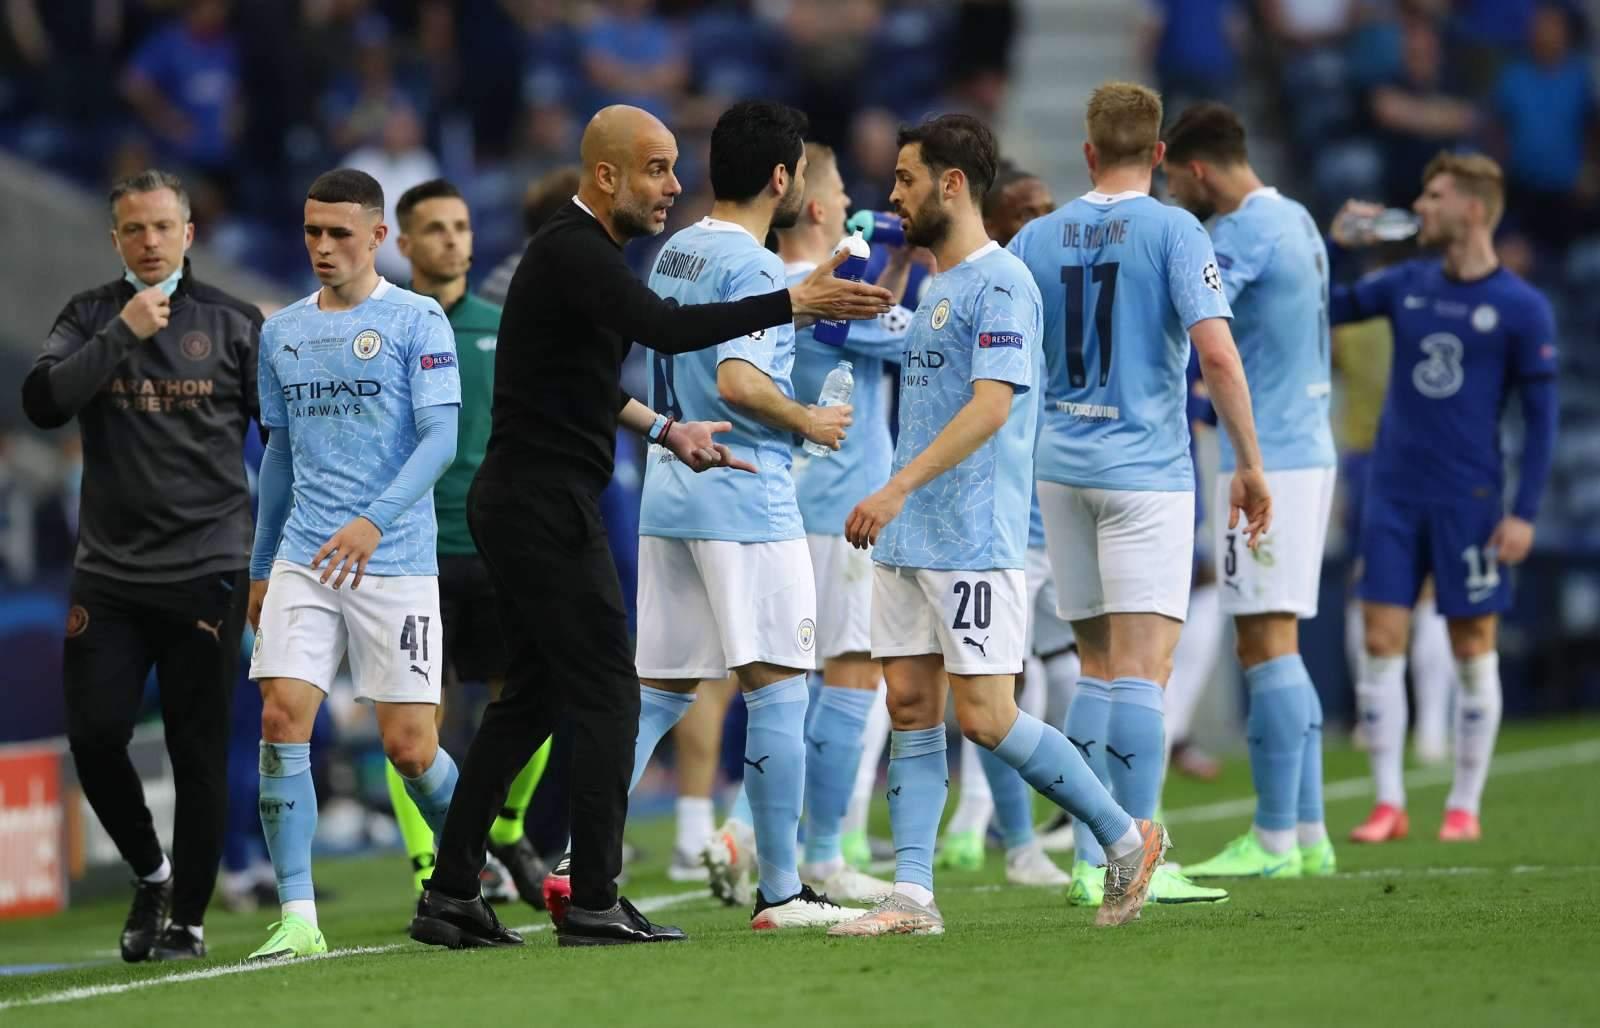 Злой «Манчестер Сити» разнёс «Норвич»: результаты 2-го тура АПЛ